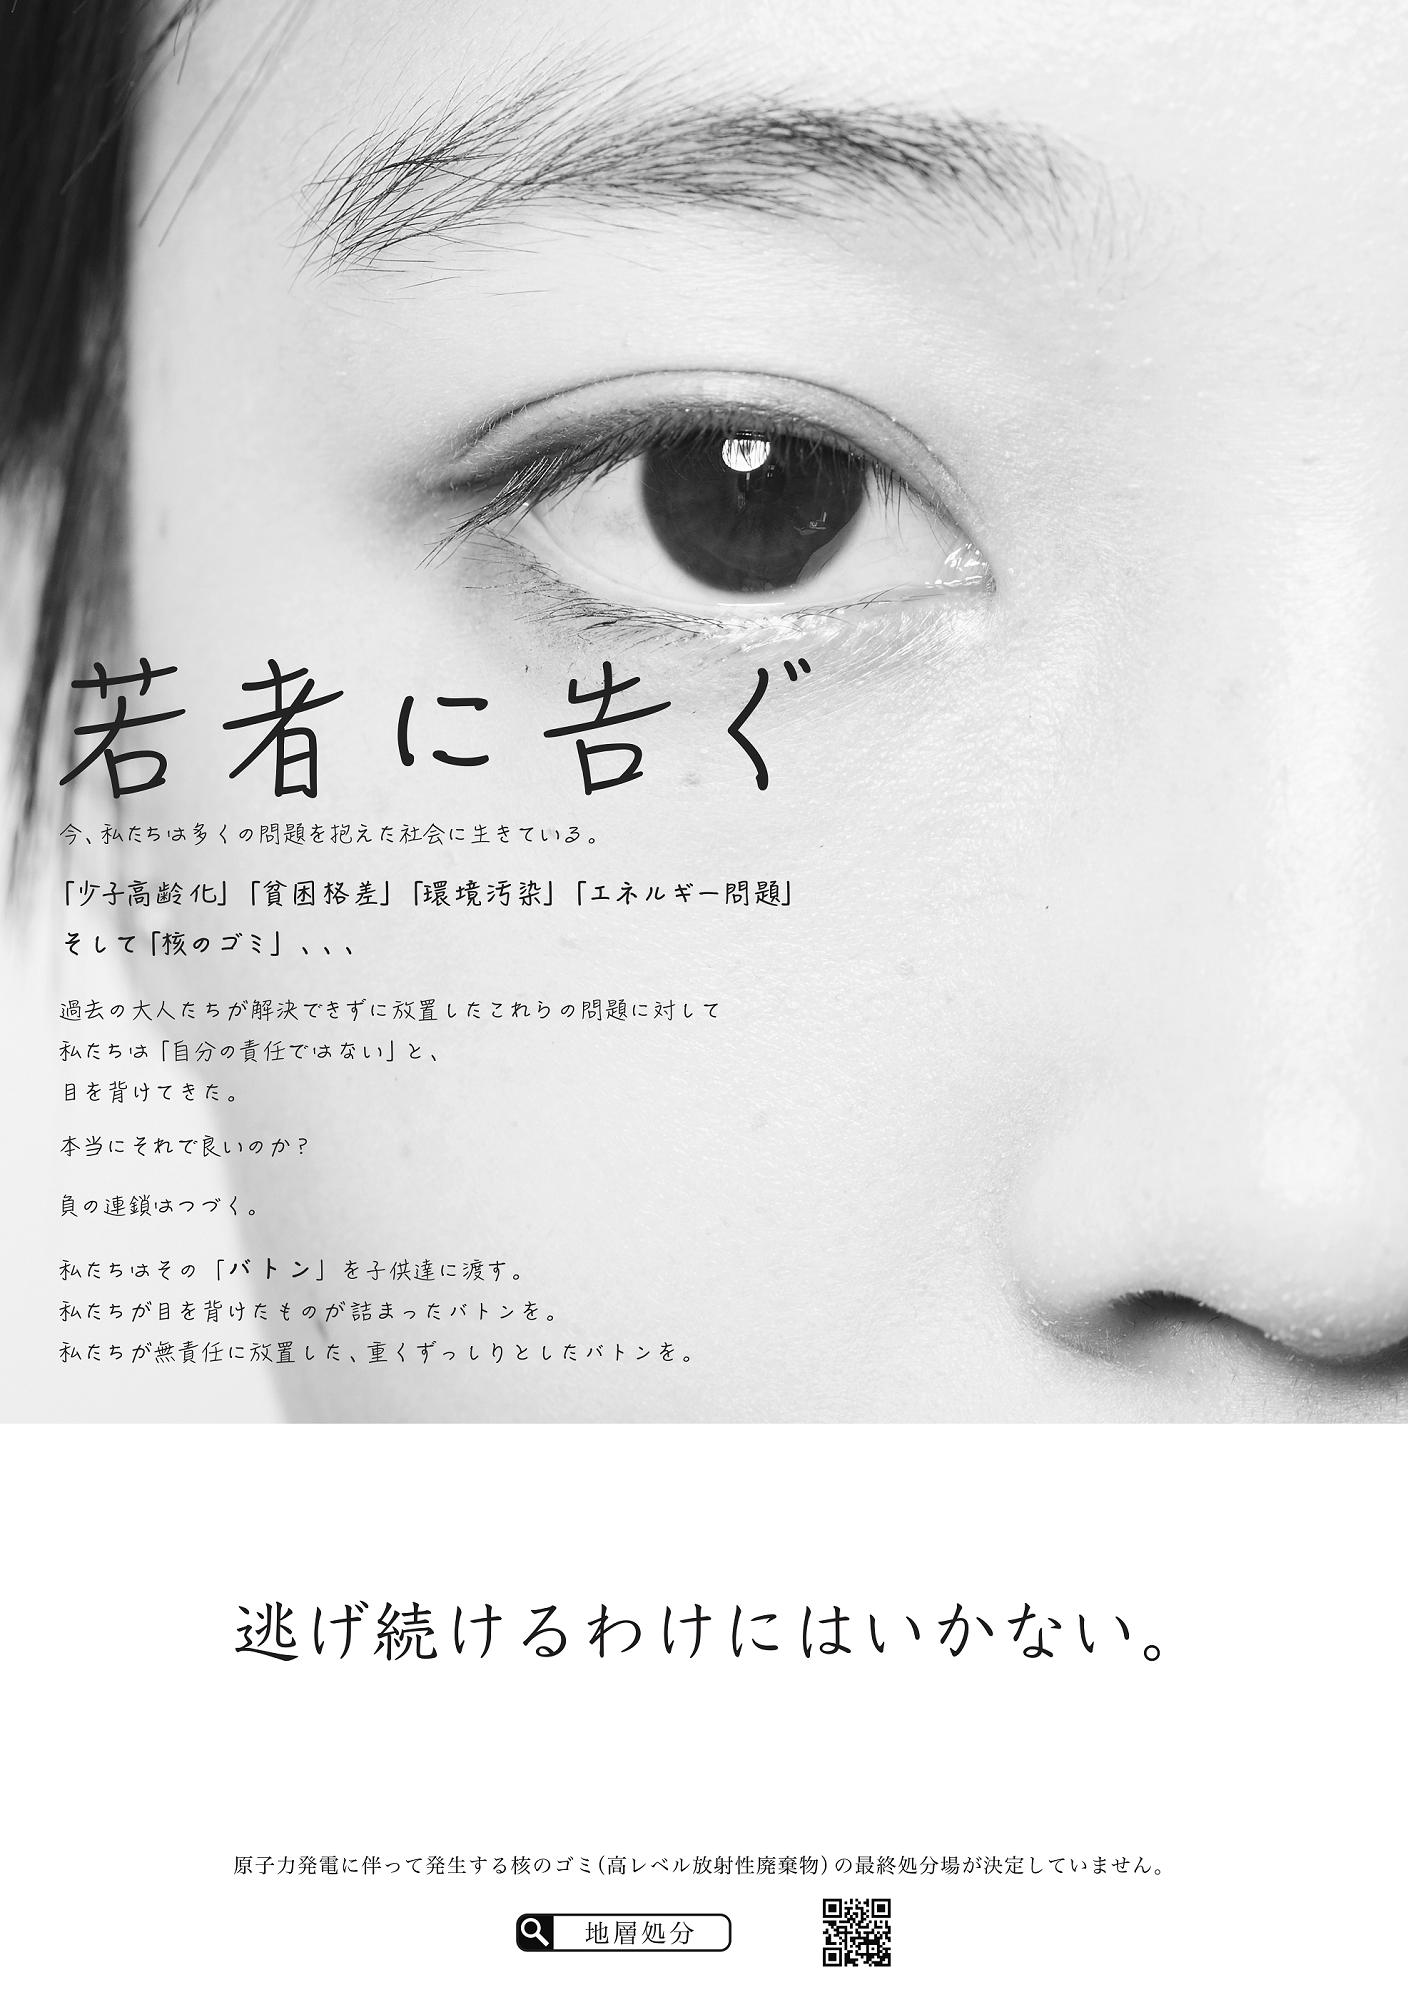 ノミネート賞受賞作品「バトン」